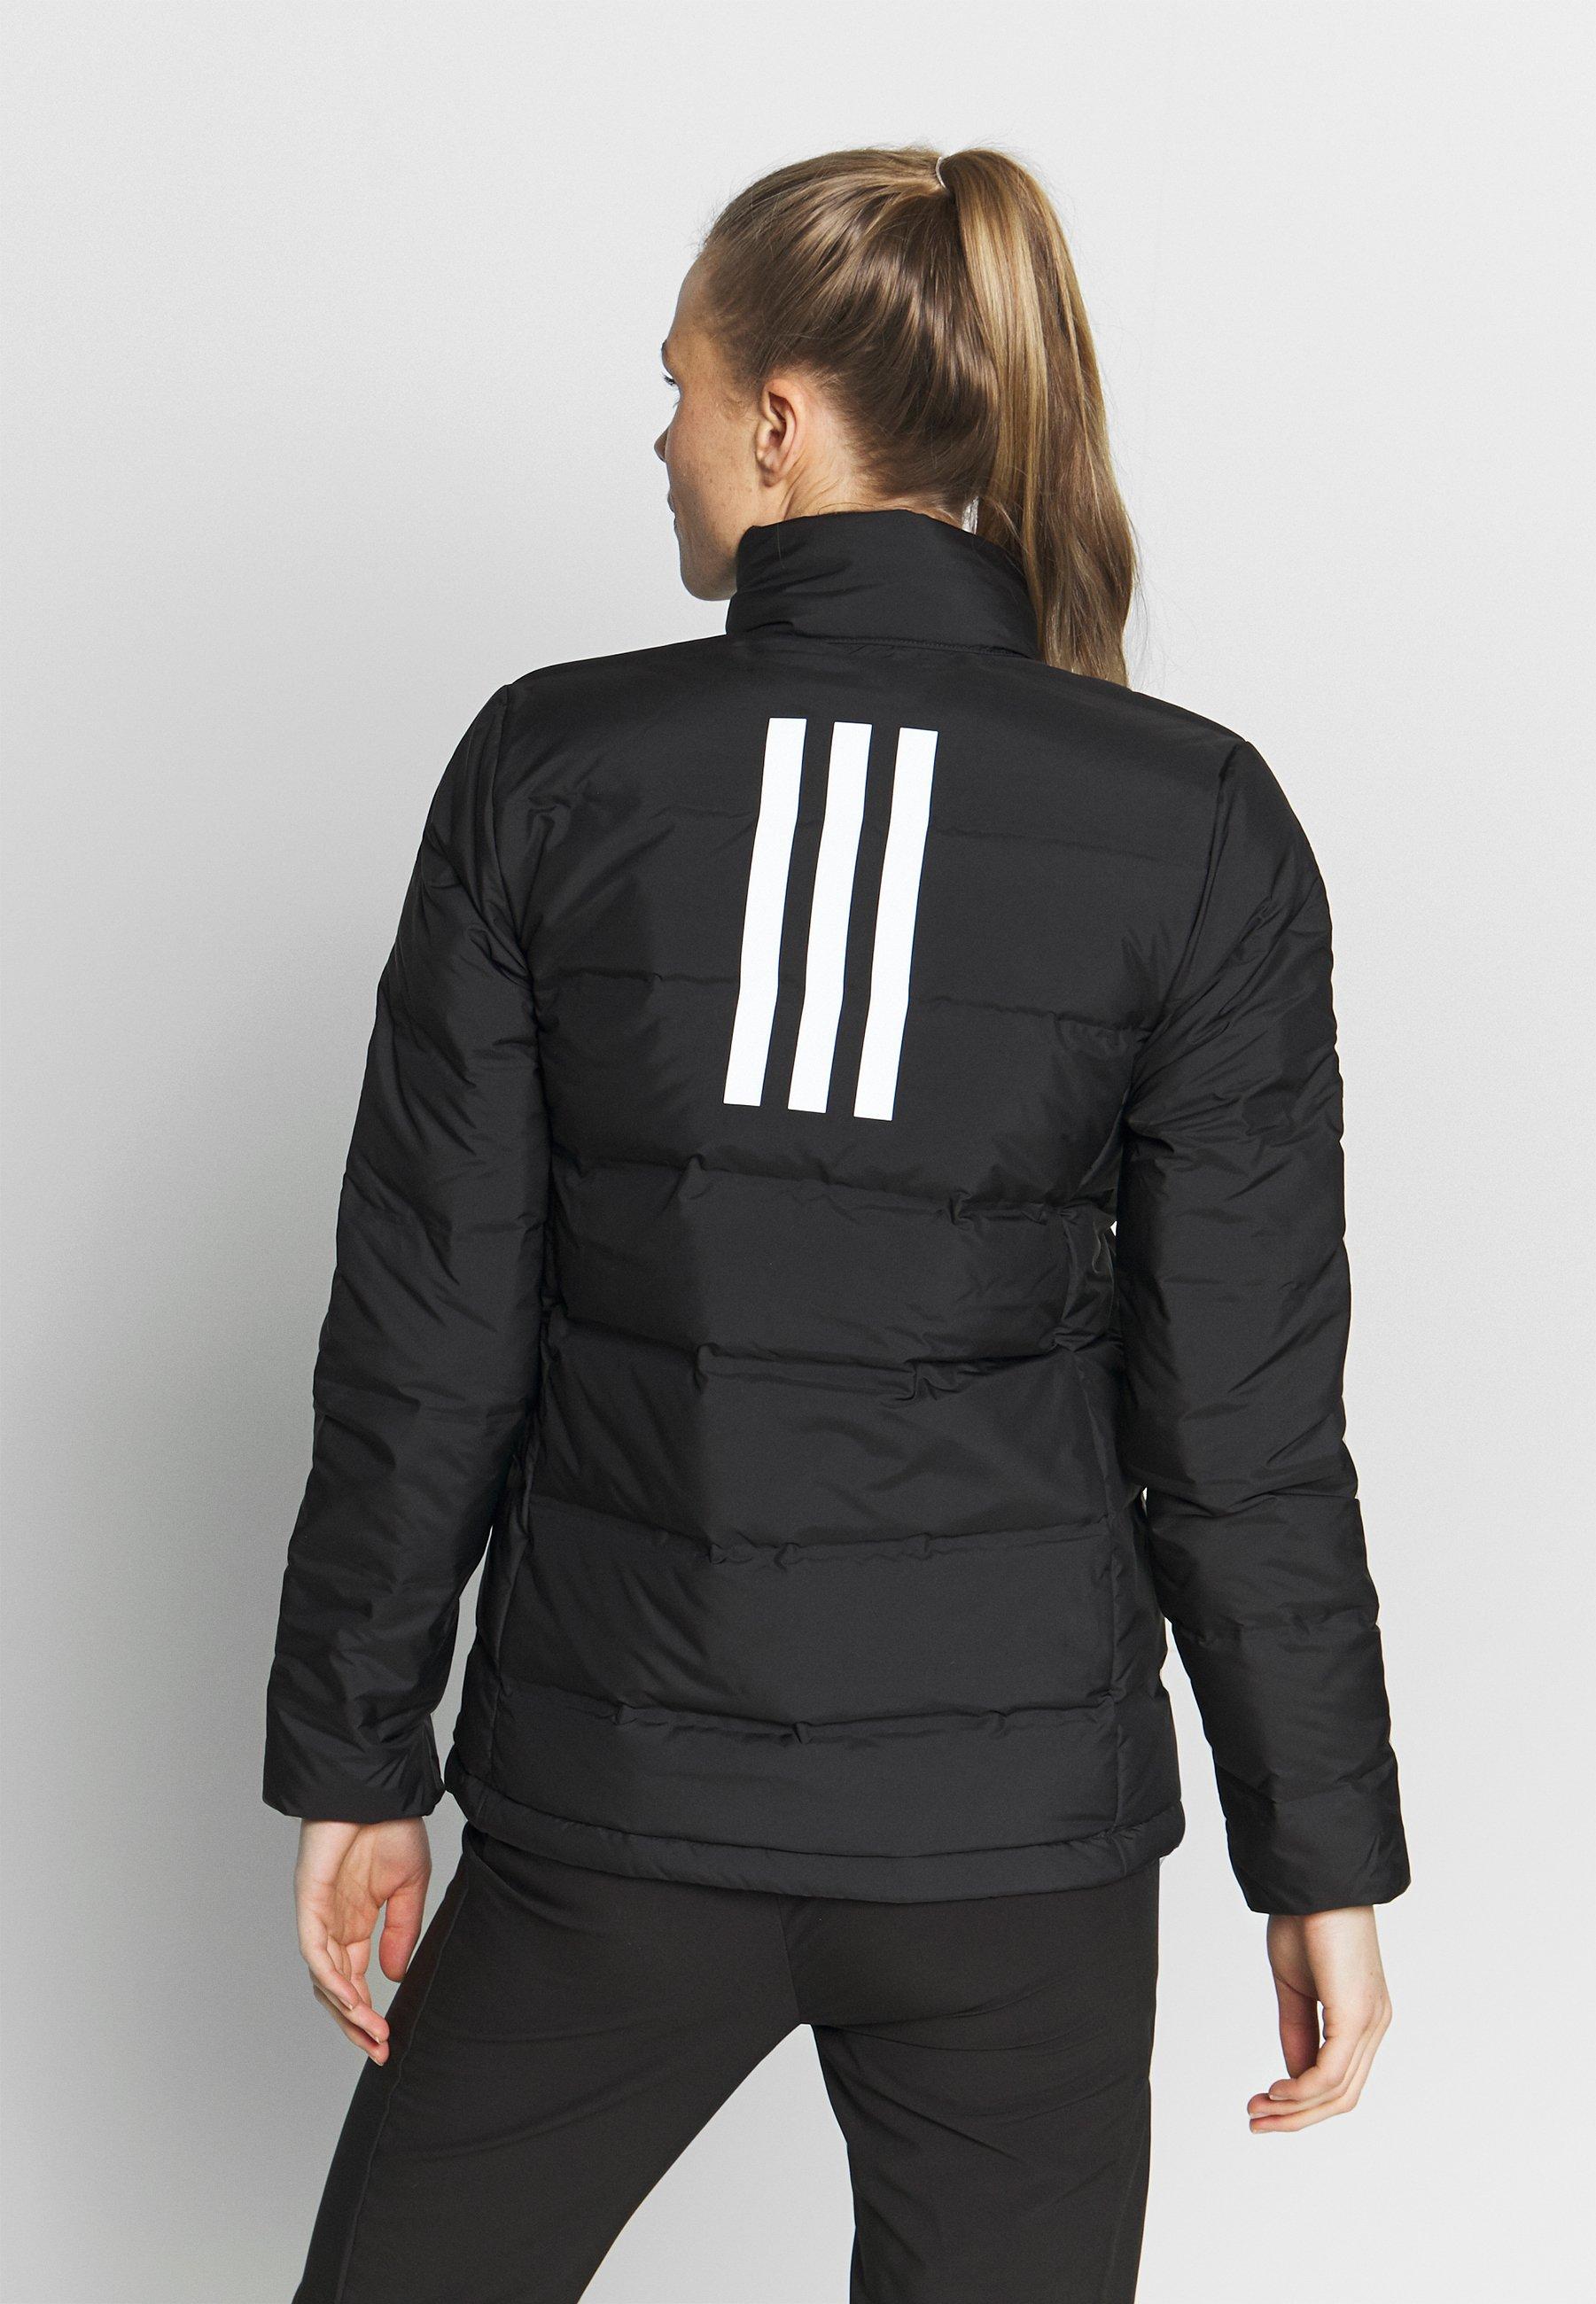 adidas Performance gewatteerde jas online bestellen | OTTO